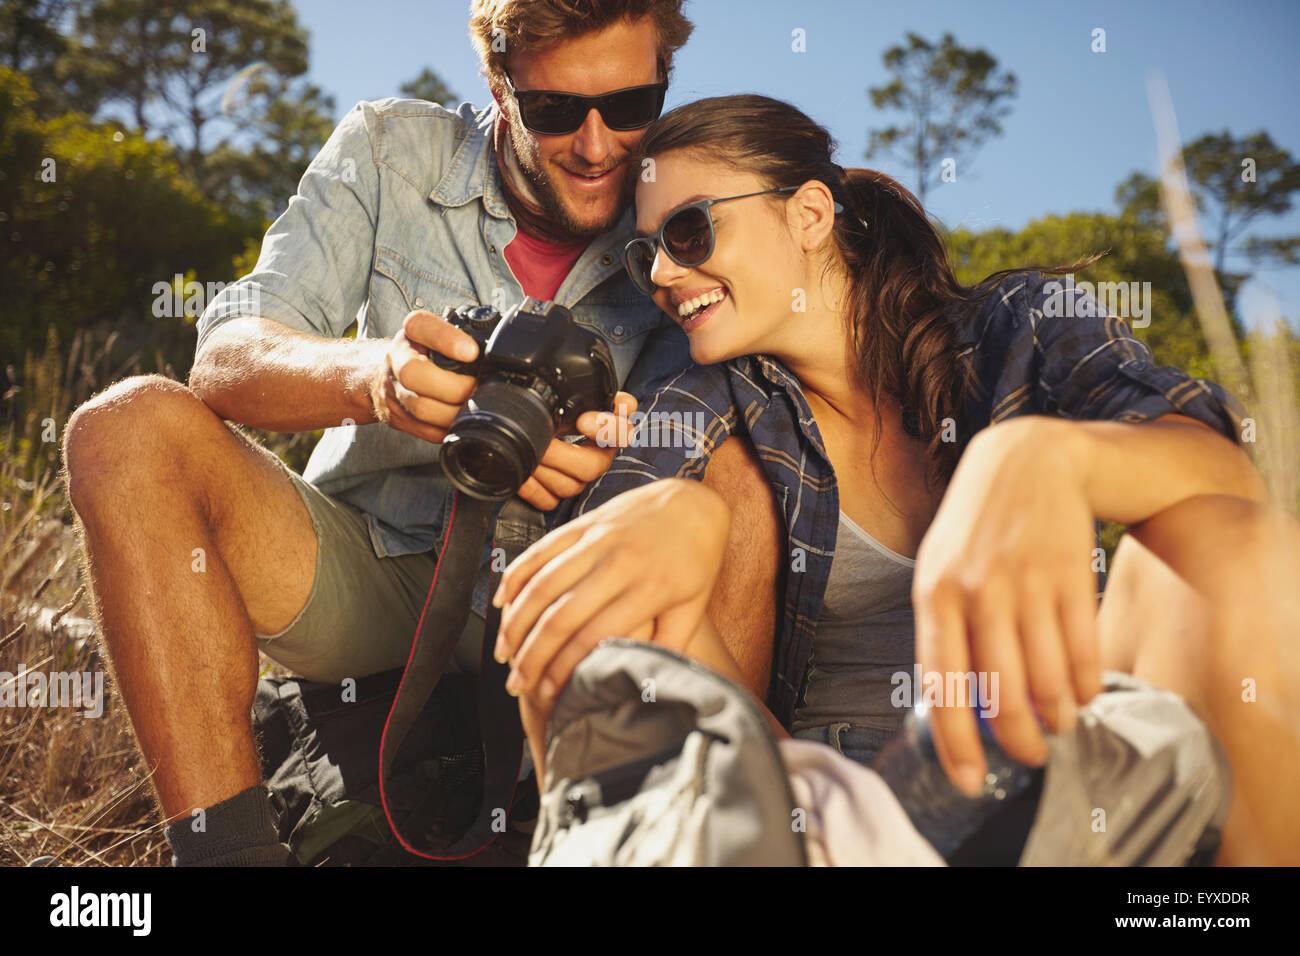 Excursionistas que buscan pareja foto tomada en una cámara digital durante el viaje de vacaciones al aire libre. Imagen De Stock